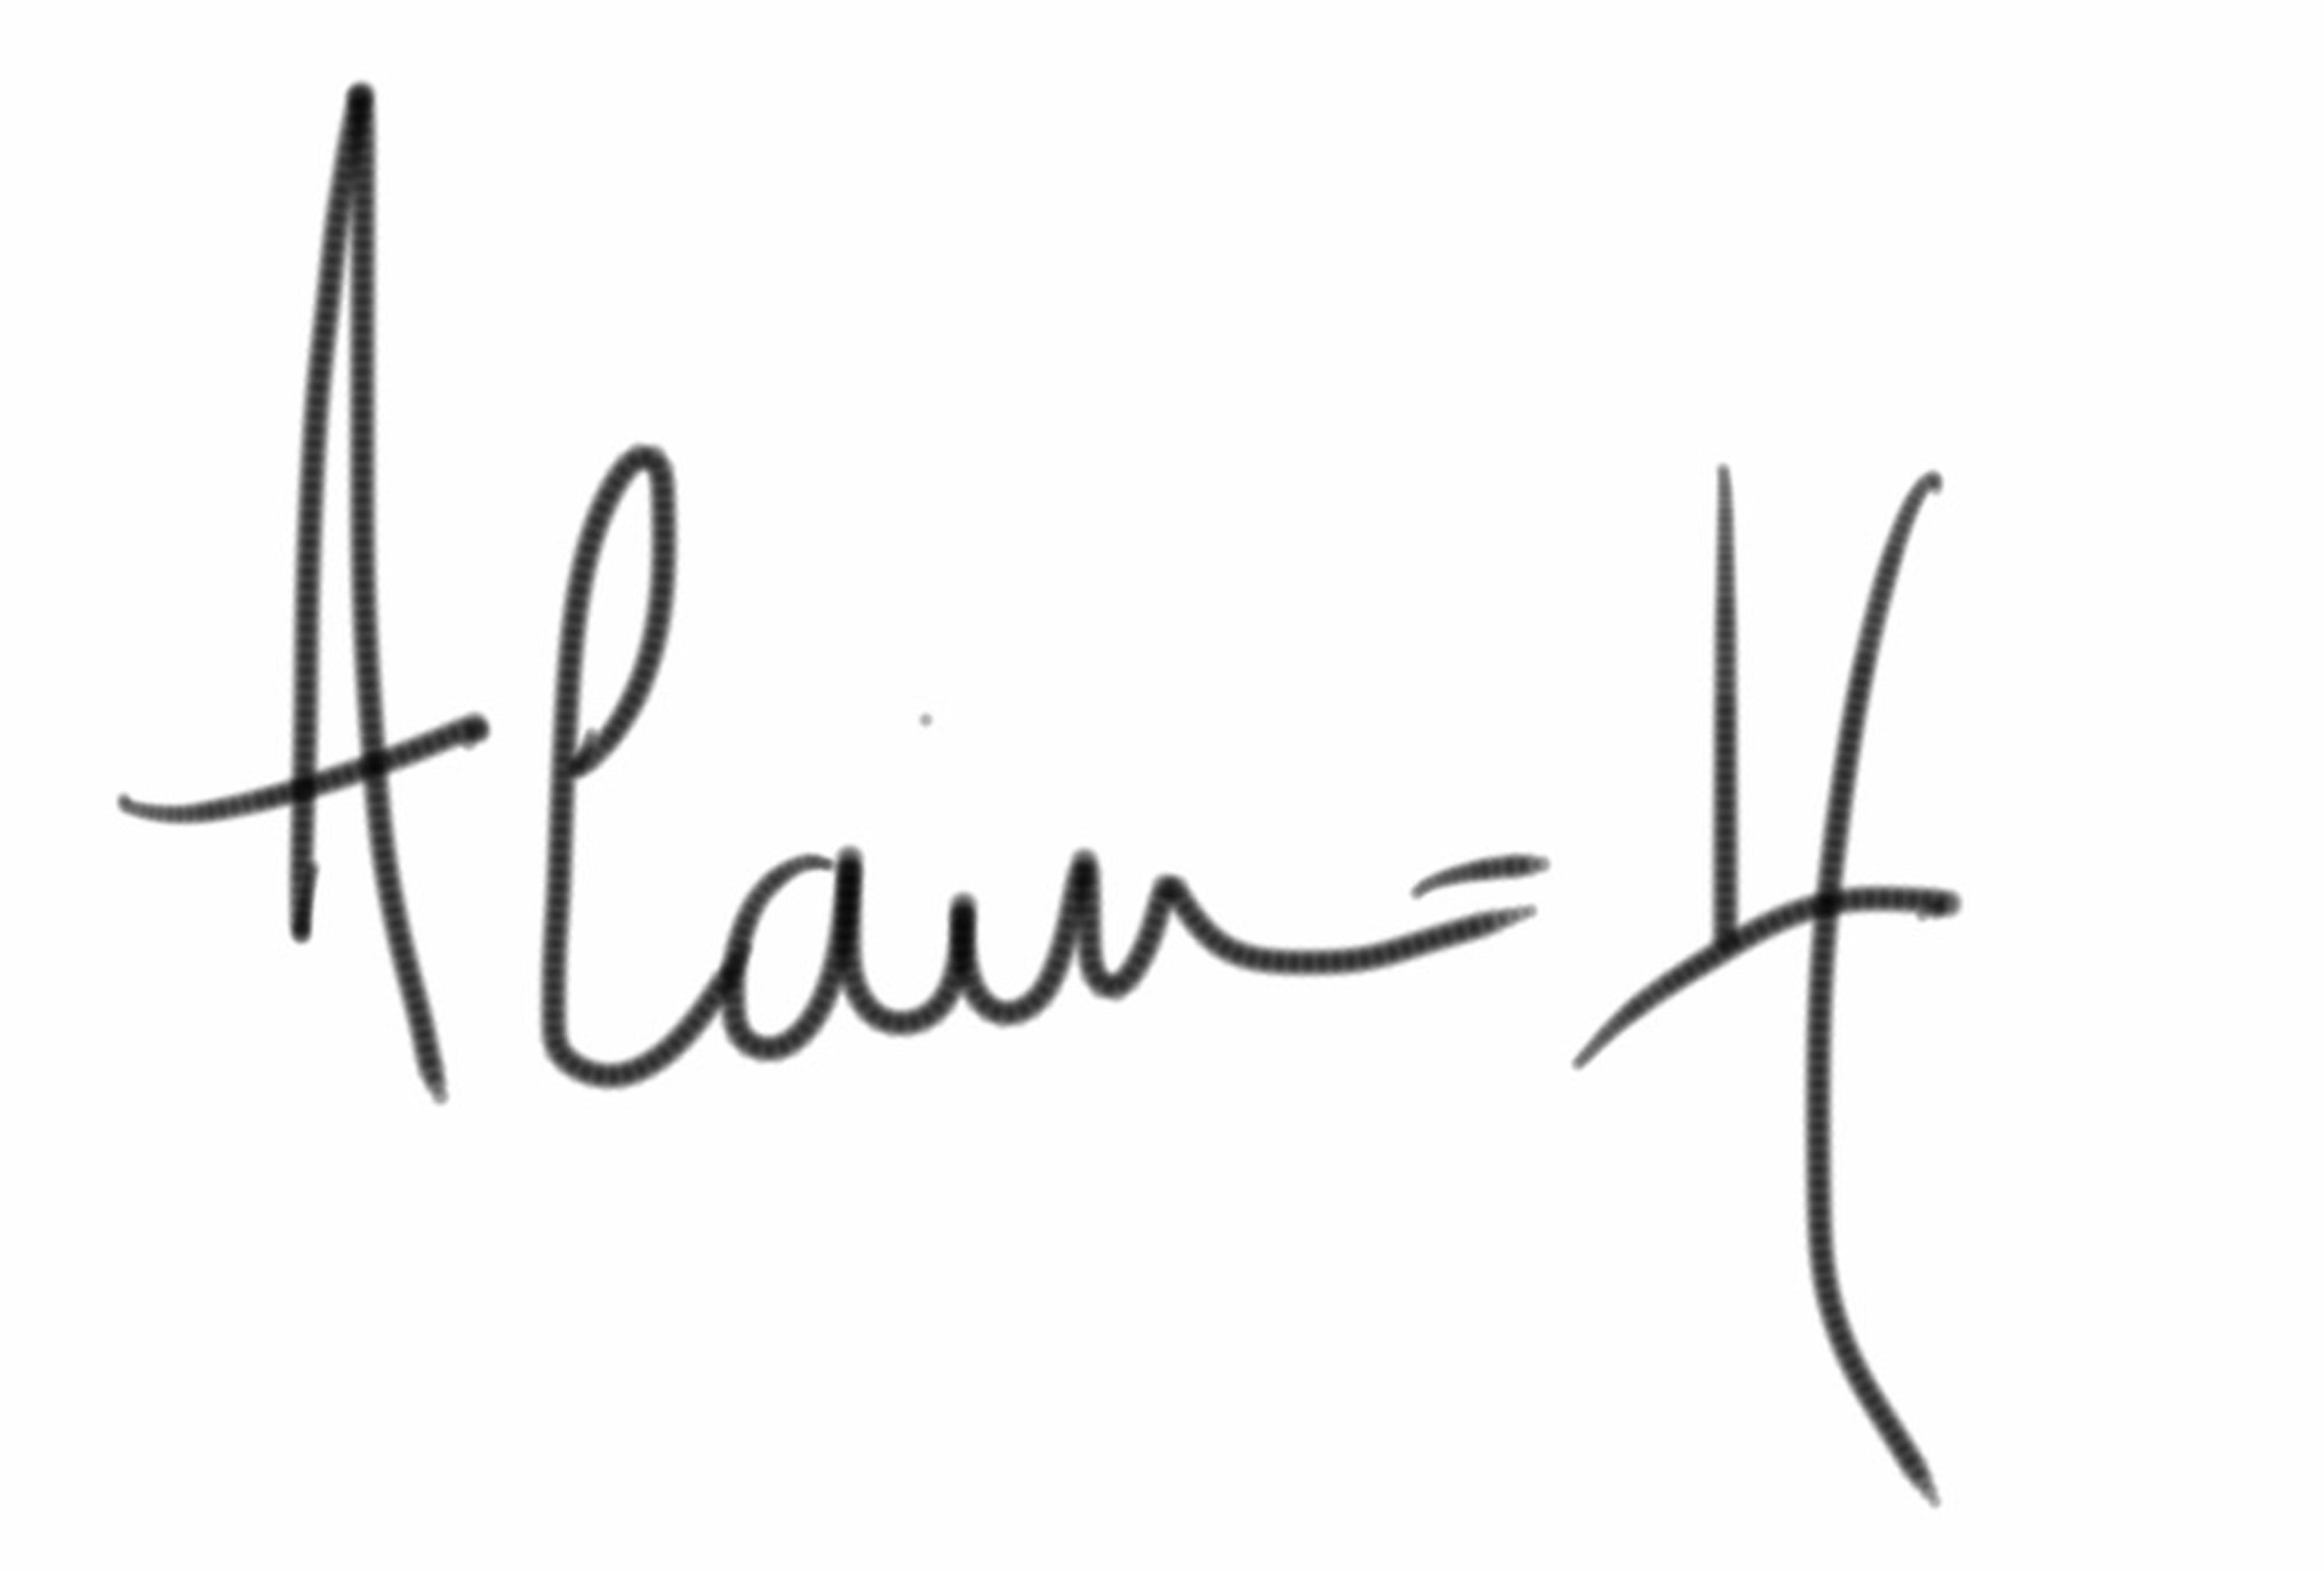 Alain-H Guyot Signature